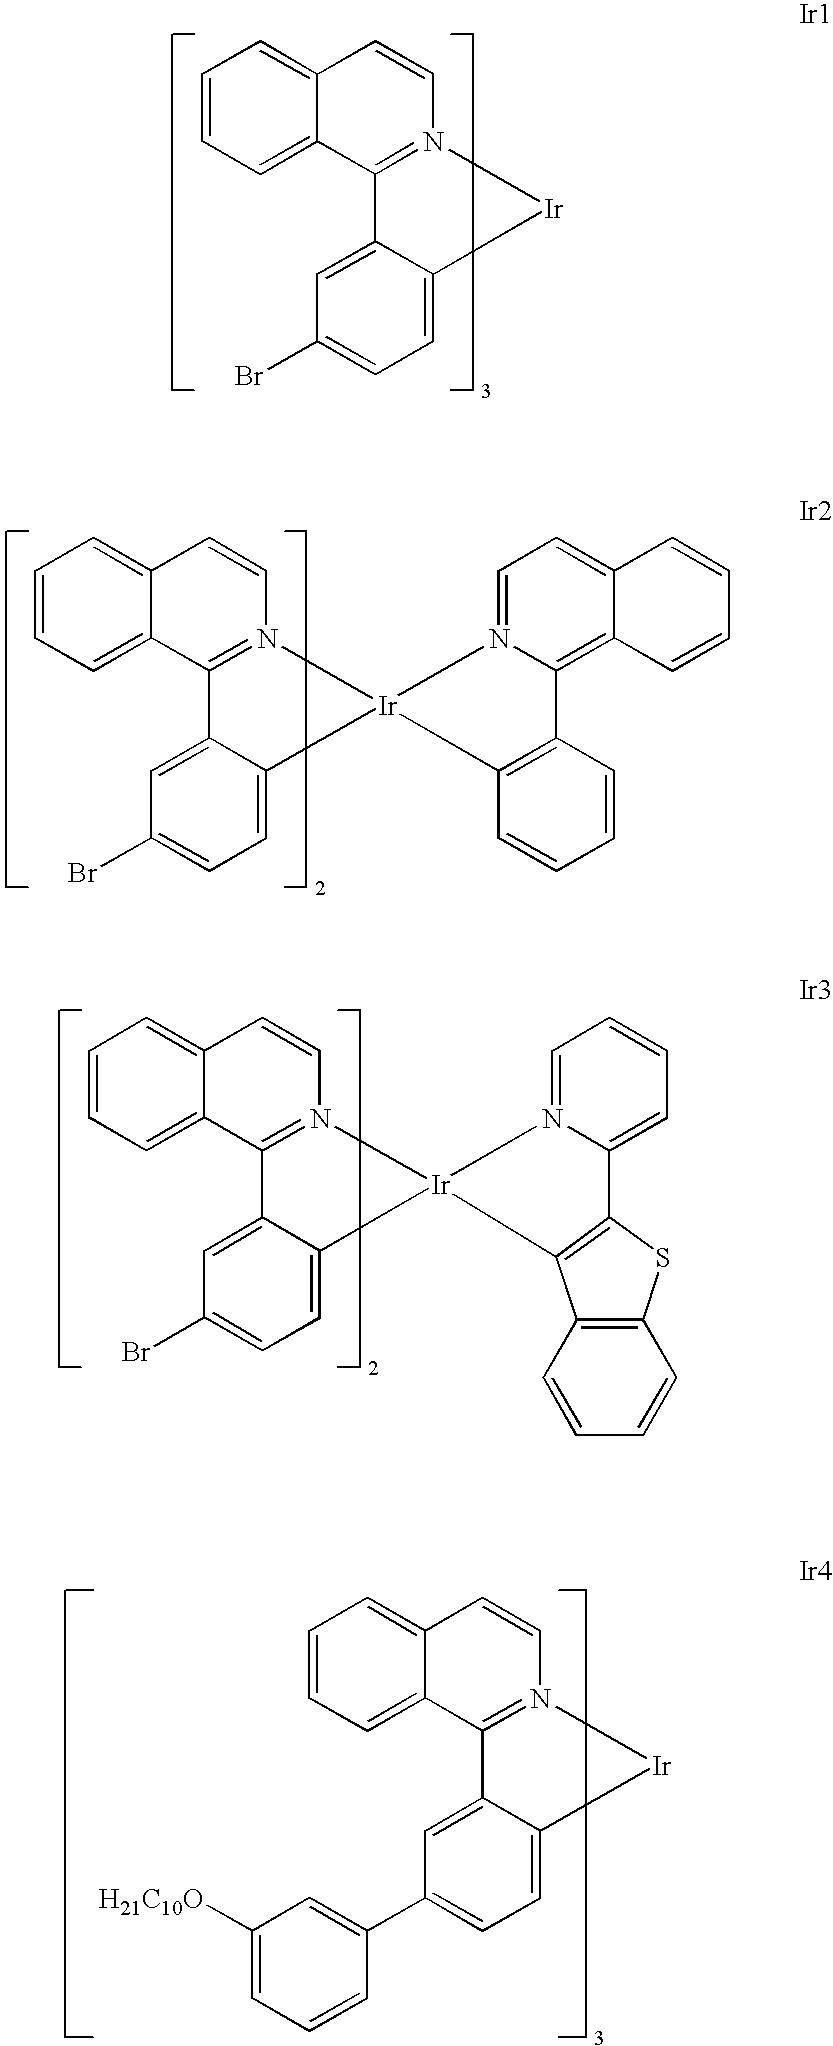 Figure US07820305-20101026-C00002